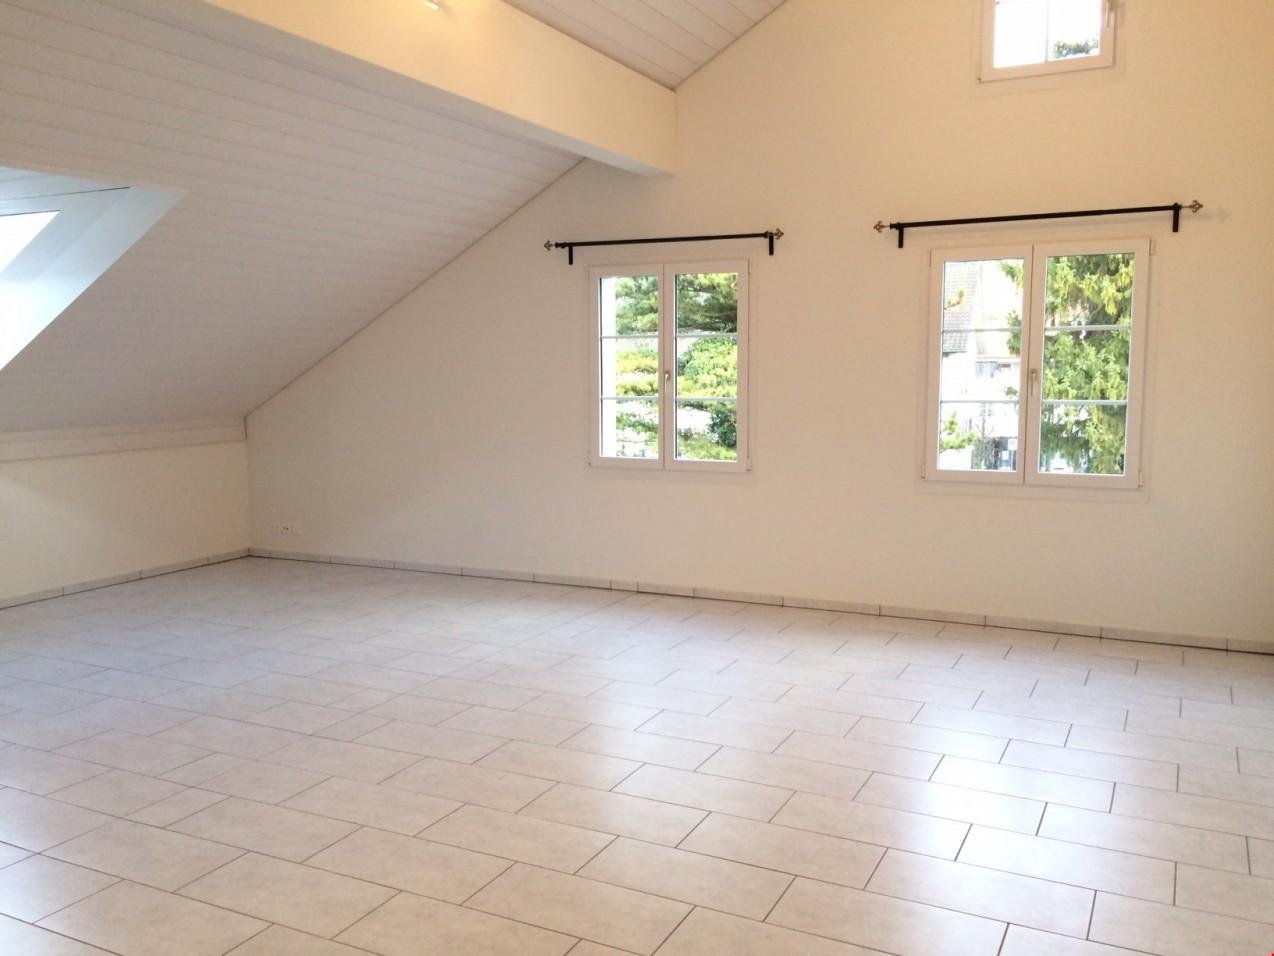 4 5 zimmerwohnung 145m2 60m2 wohnzimmer immoscout24 for Wohnzimmer 3 5 m breit